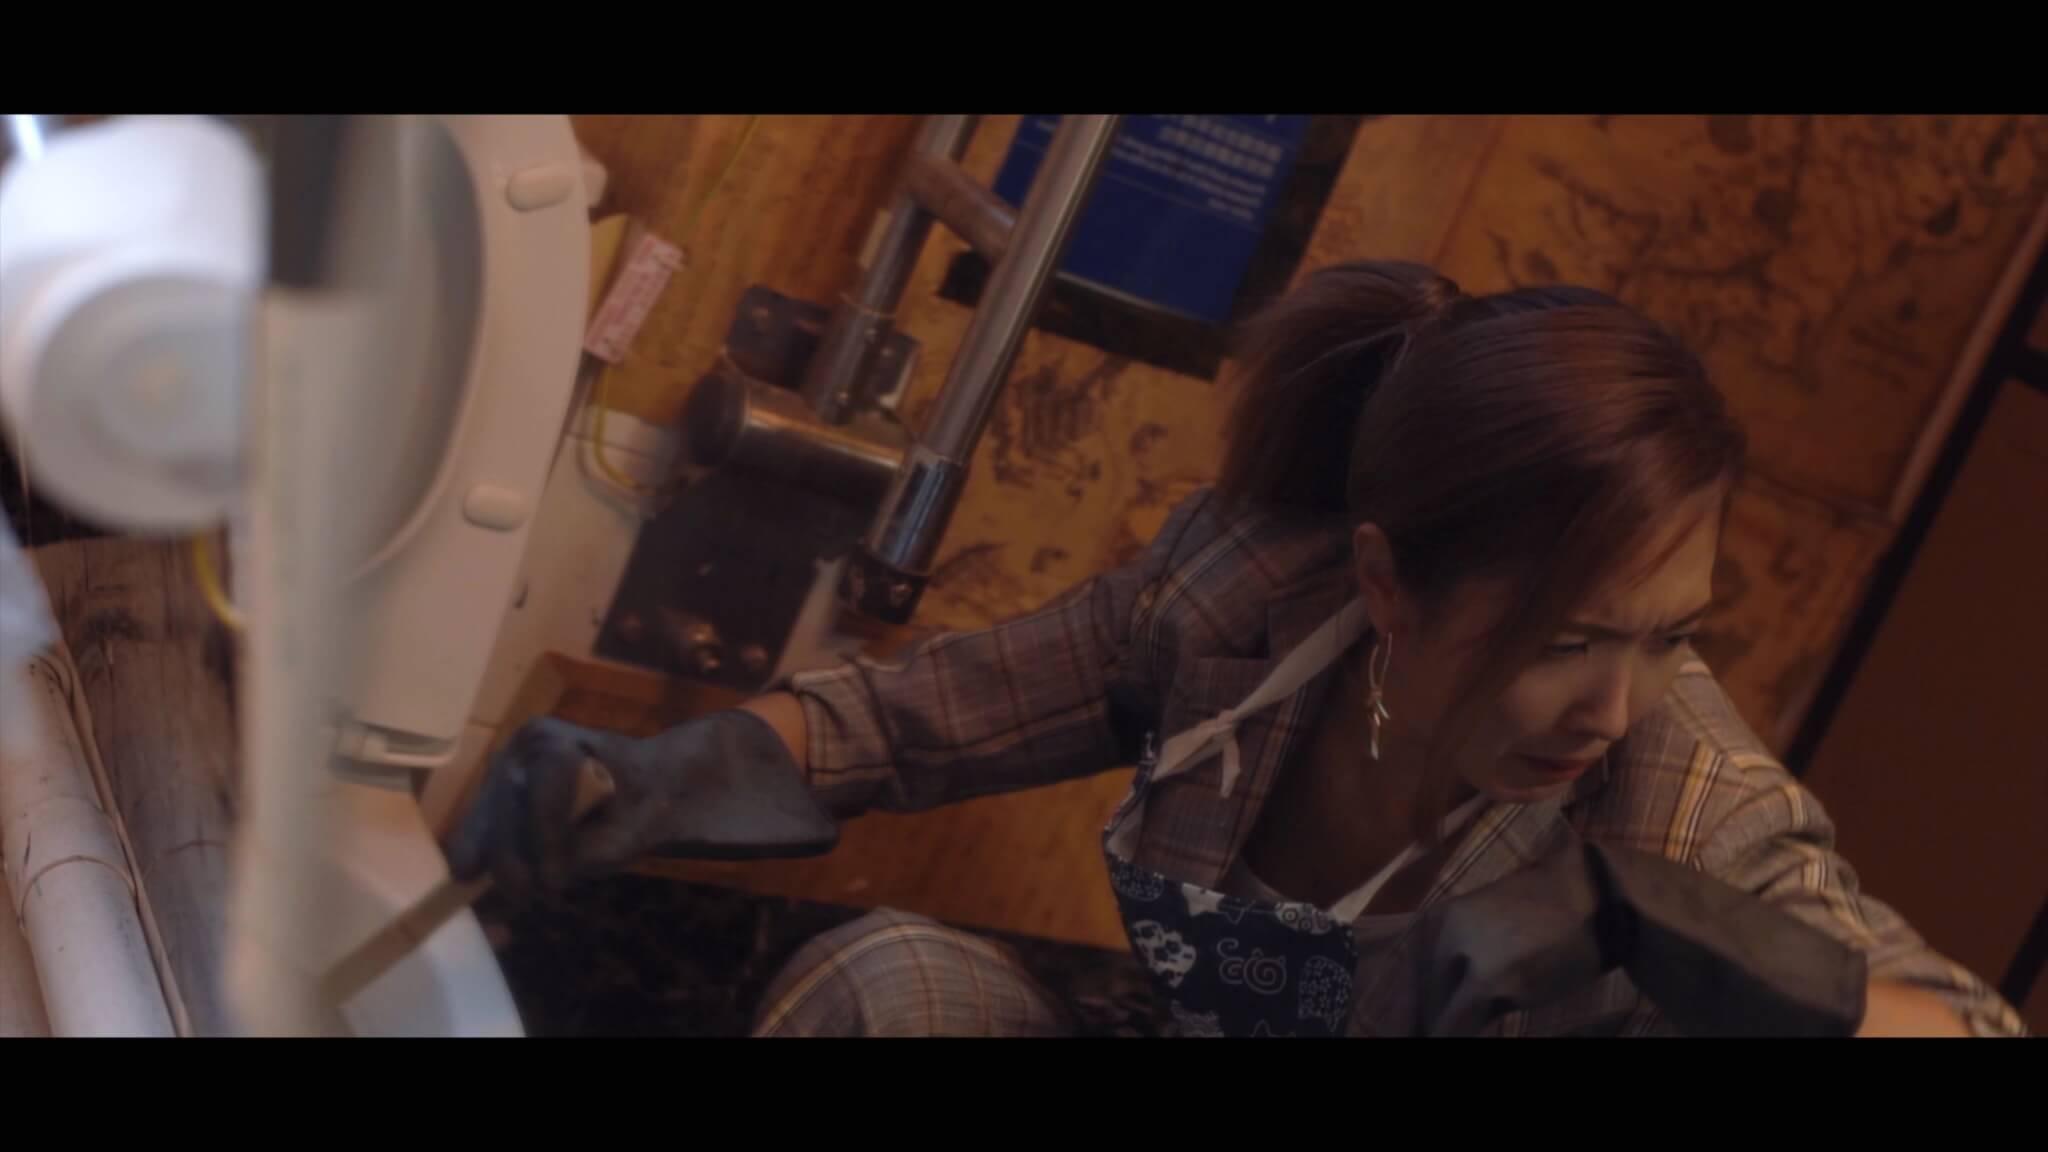 陳庭欣於MV中飾演酒吧老闆娘,更親自洗馬桶。